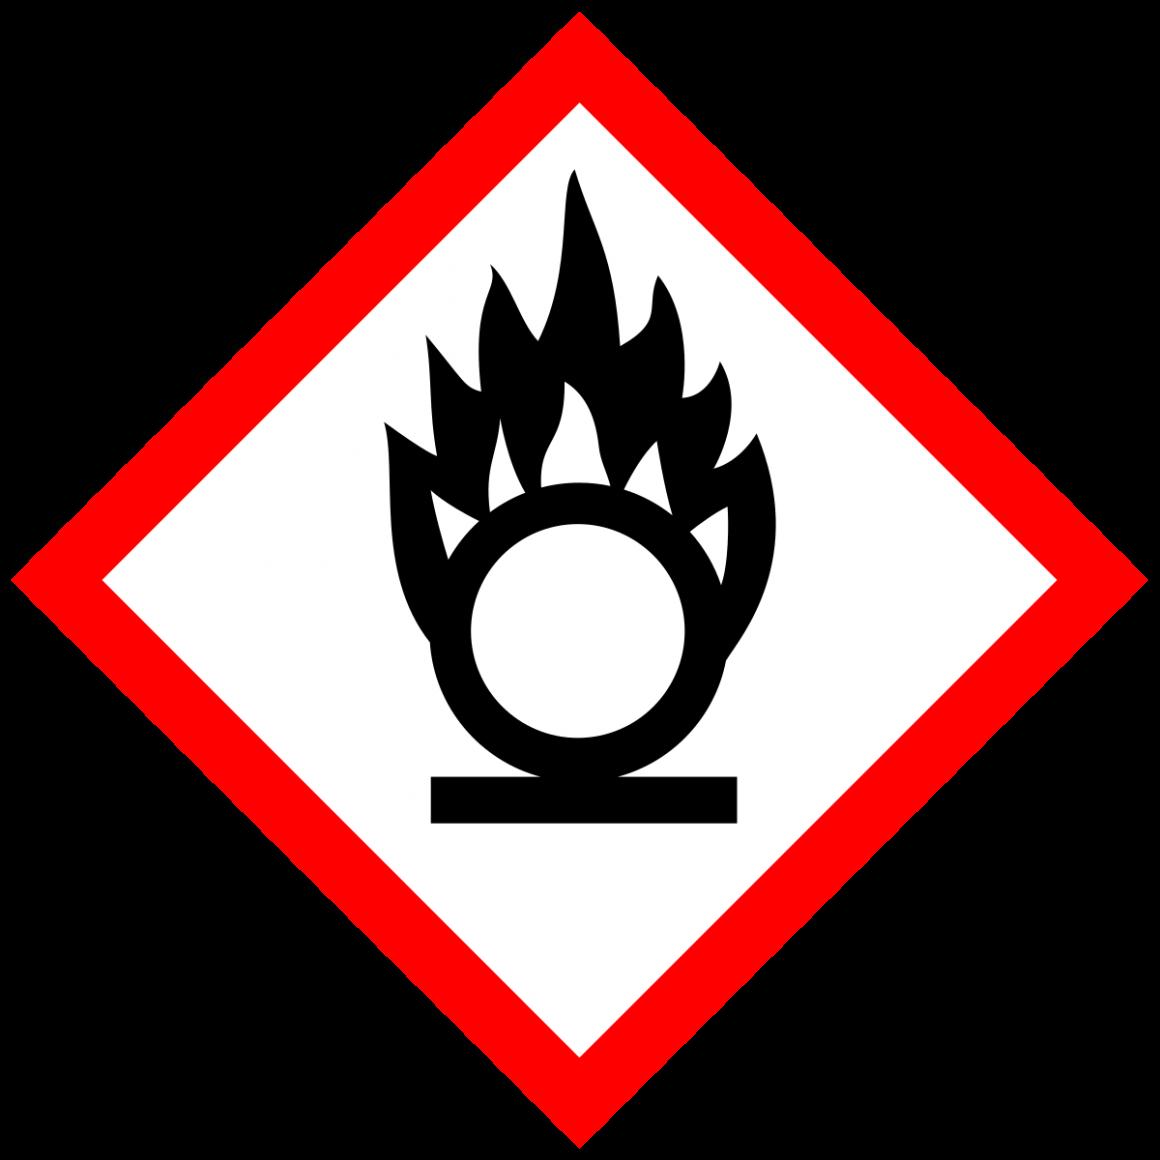 Gevarensymbool oxiderend